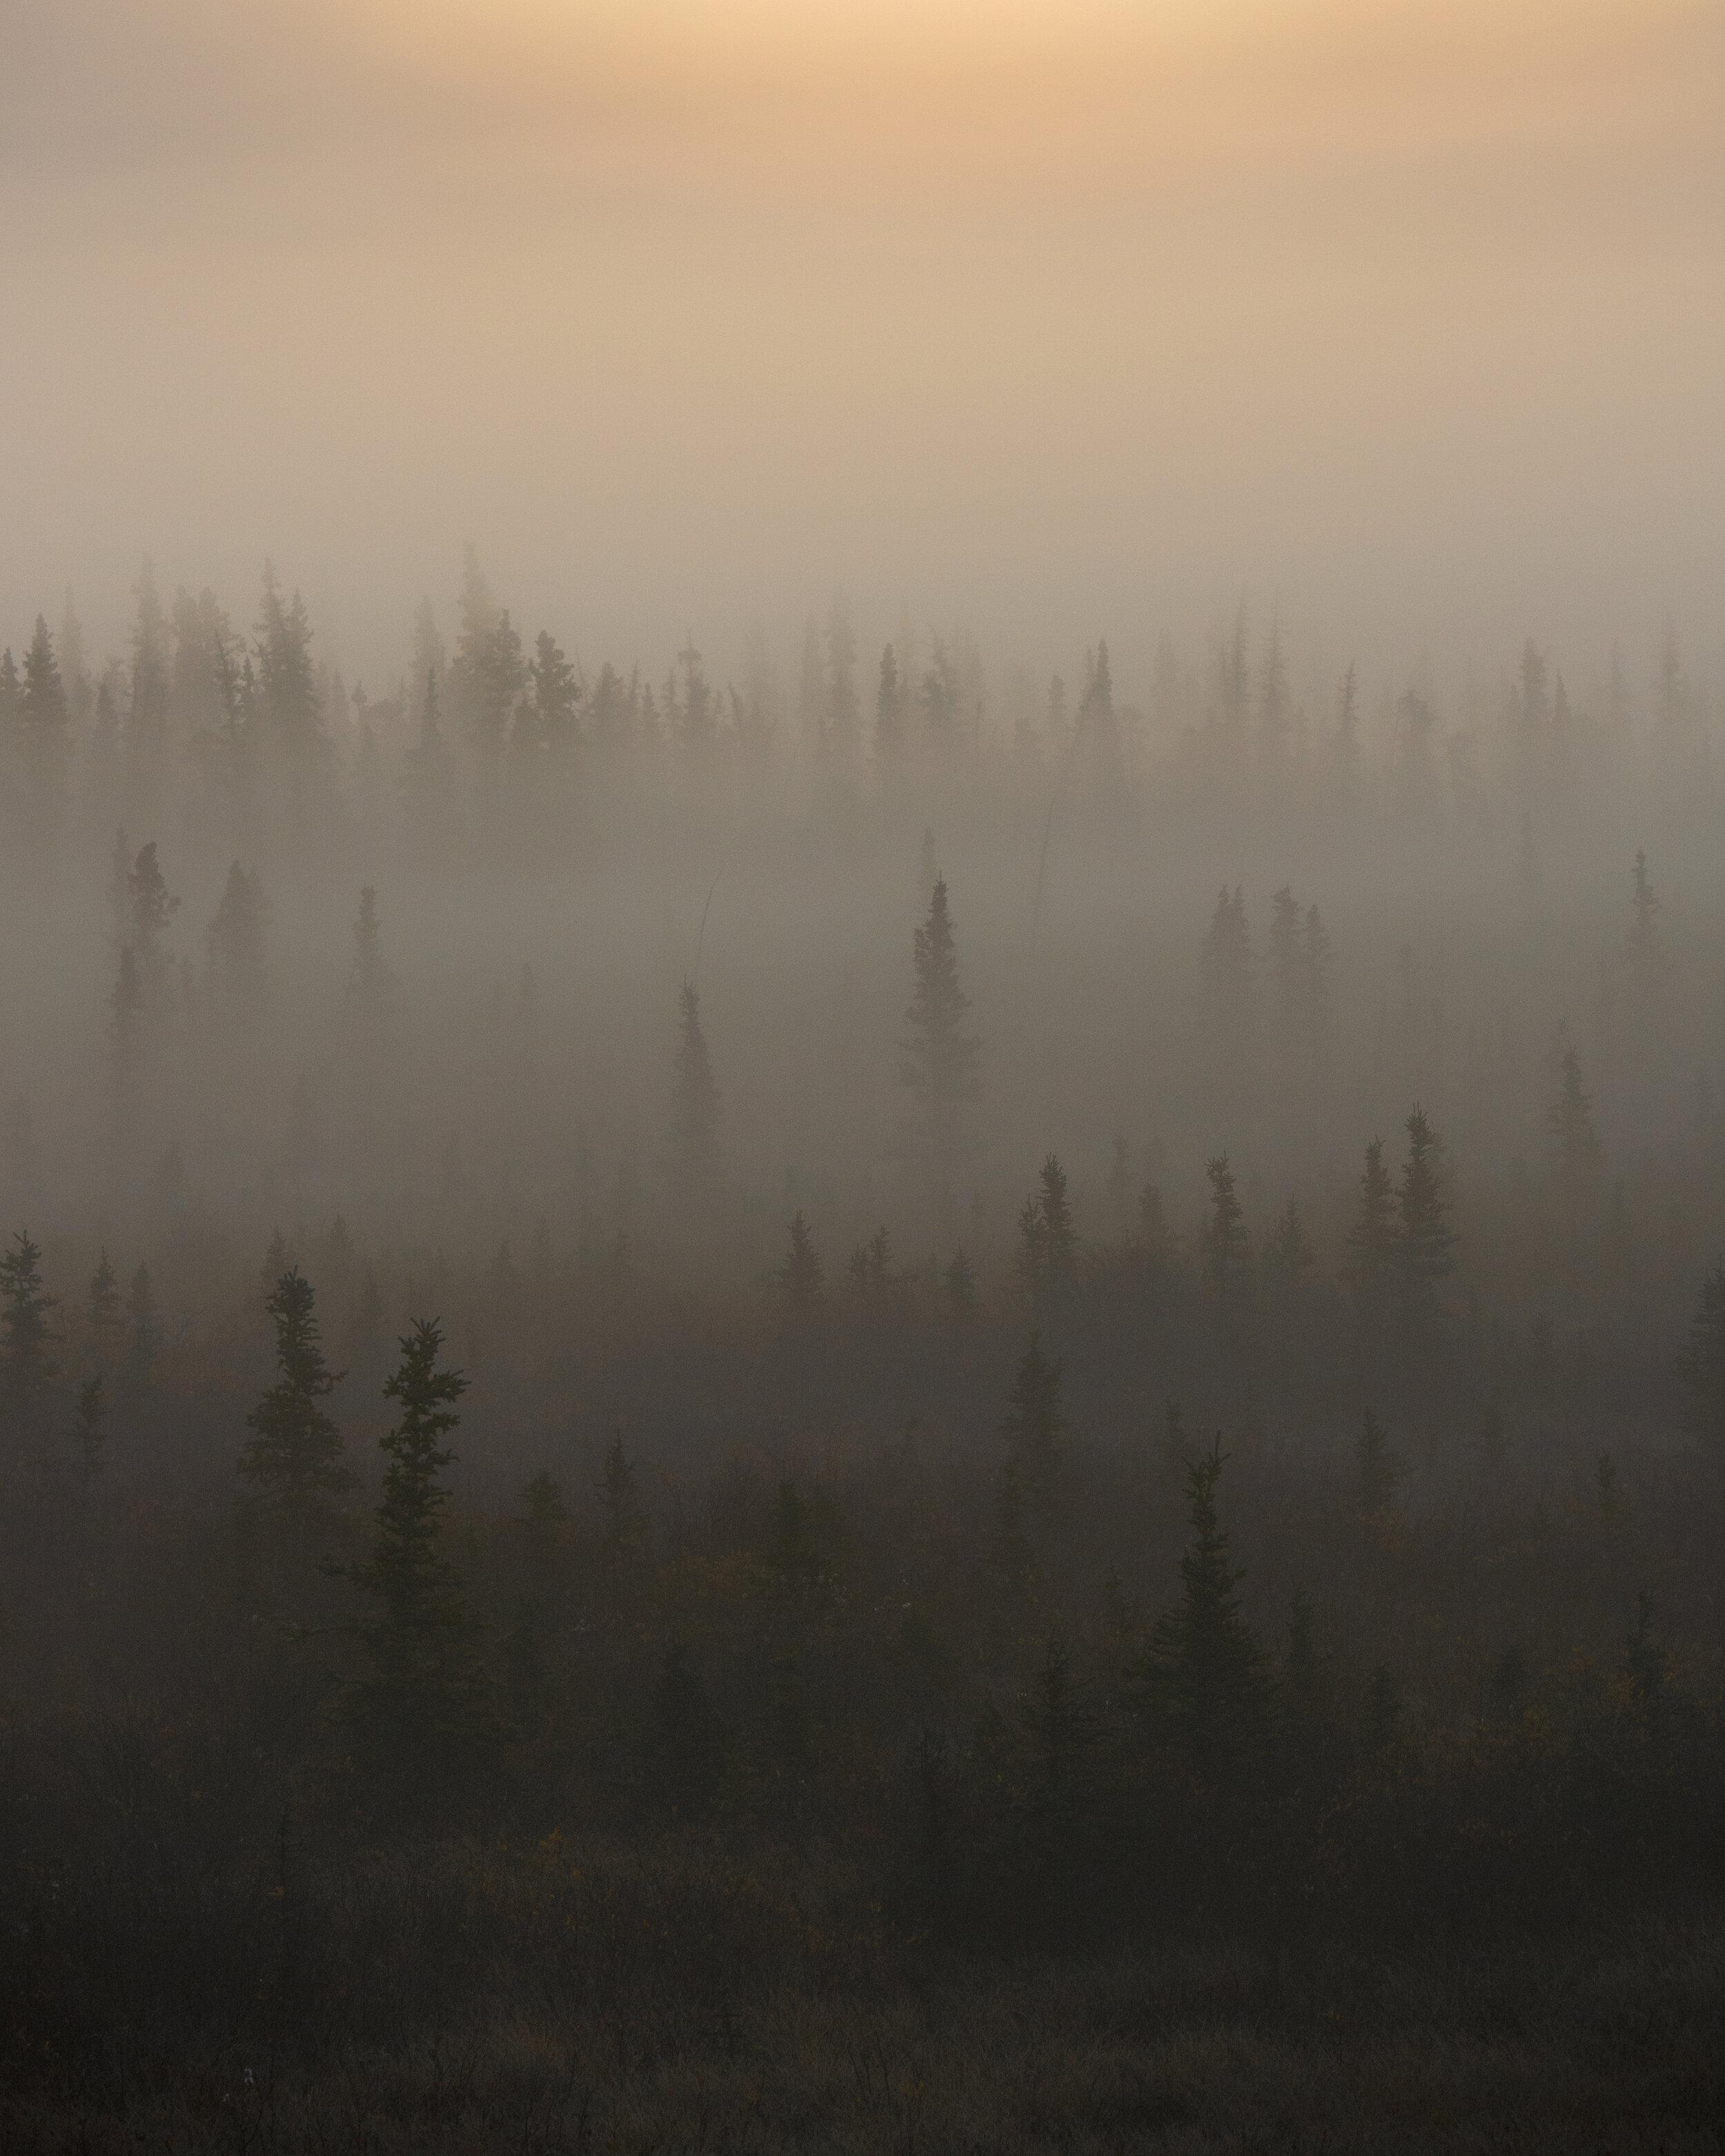 Foggy Alaska highway morning